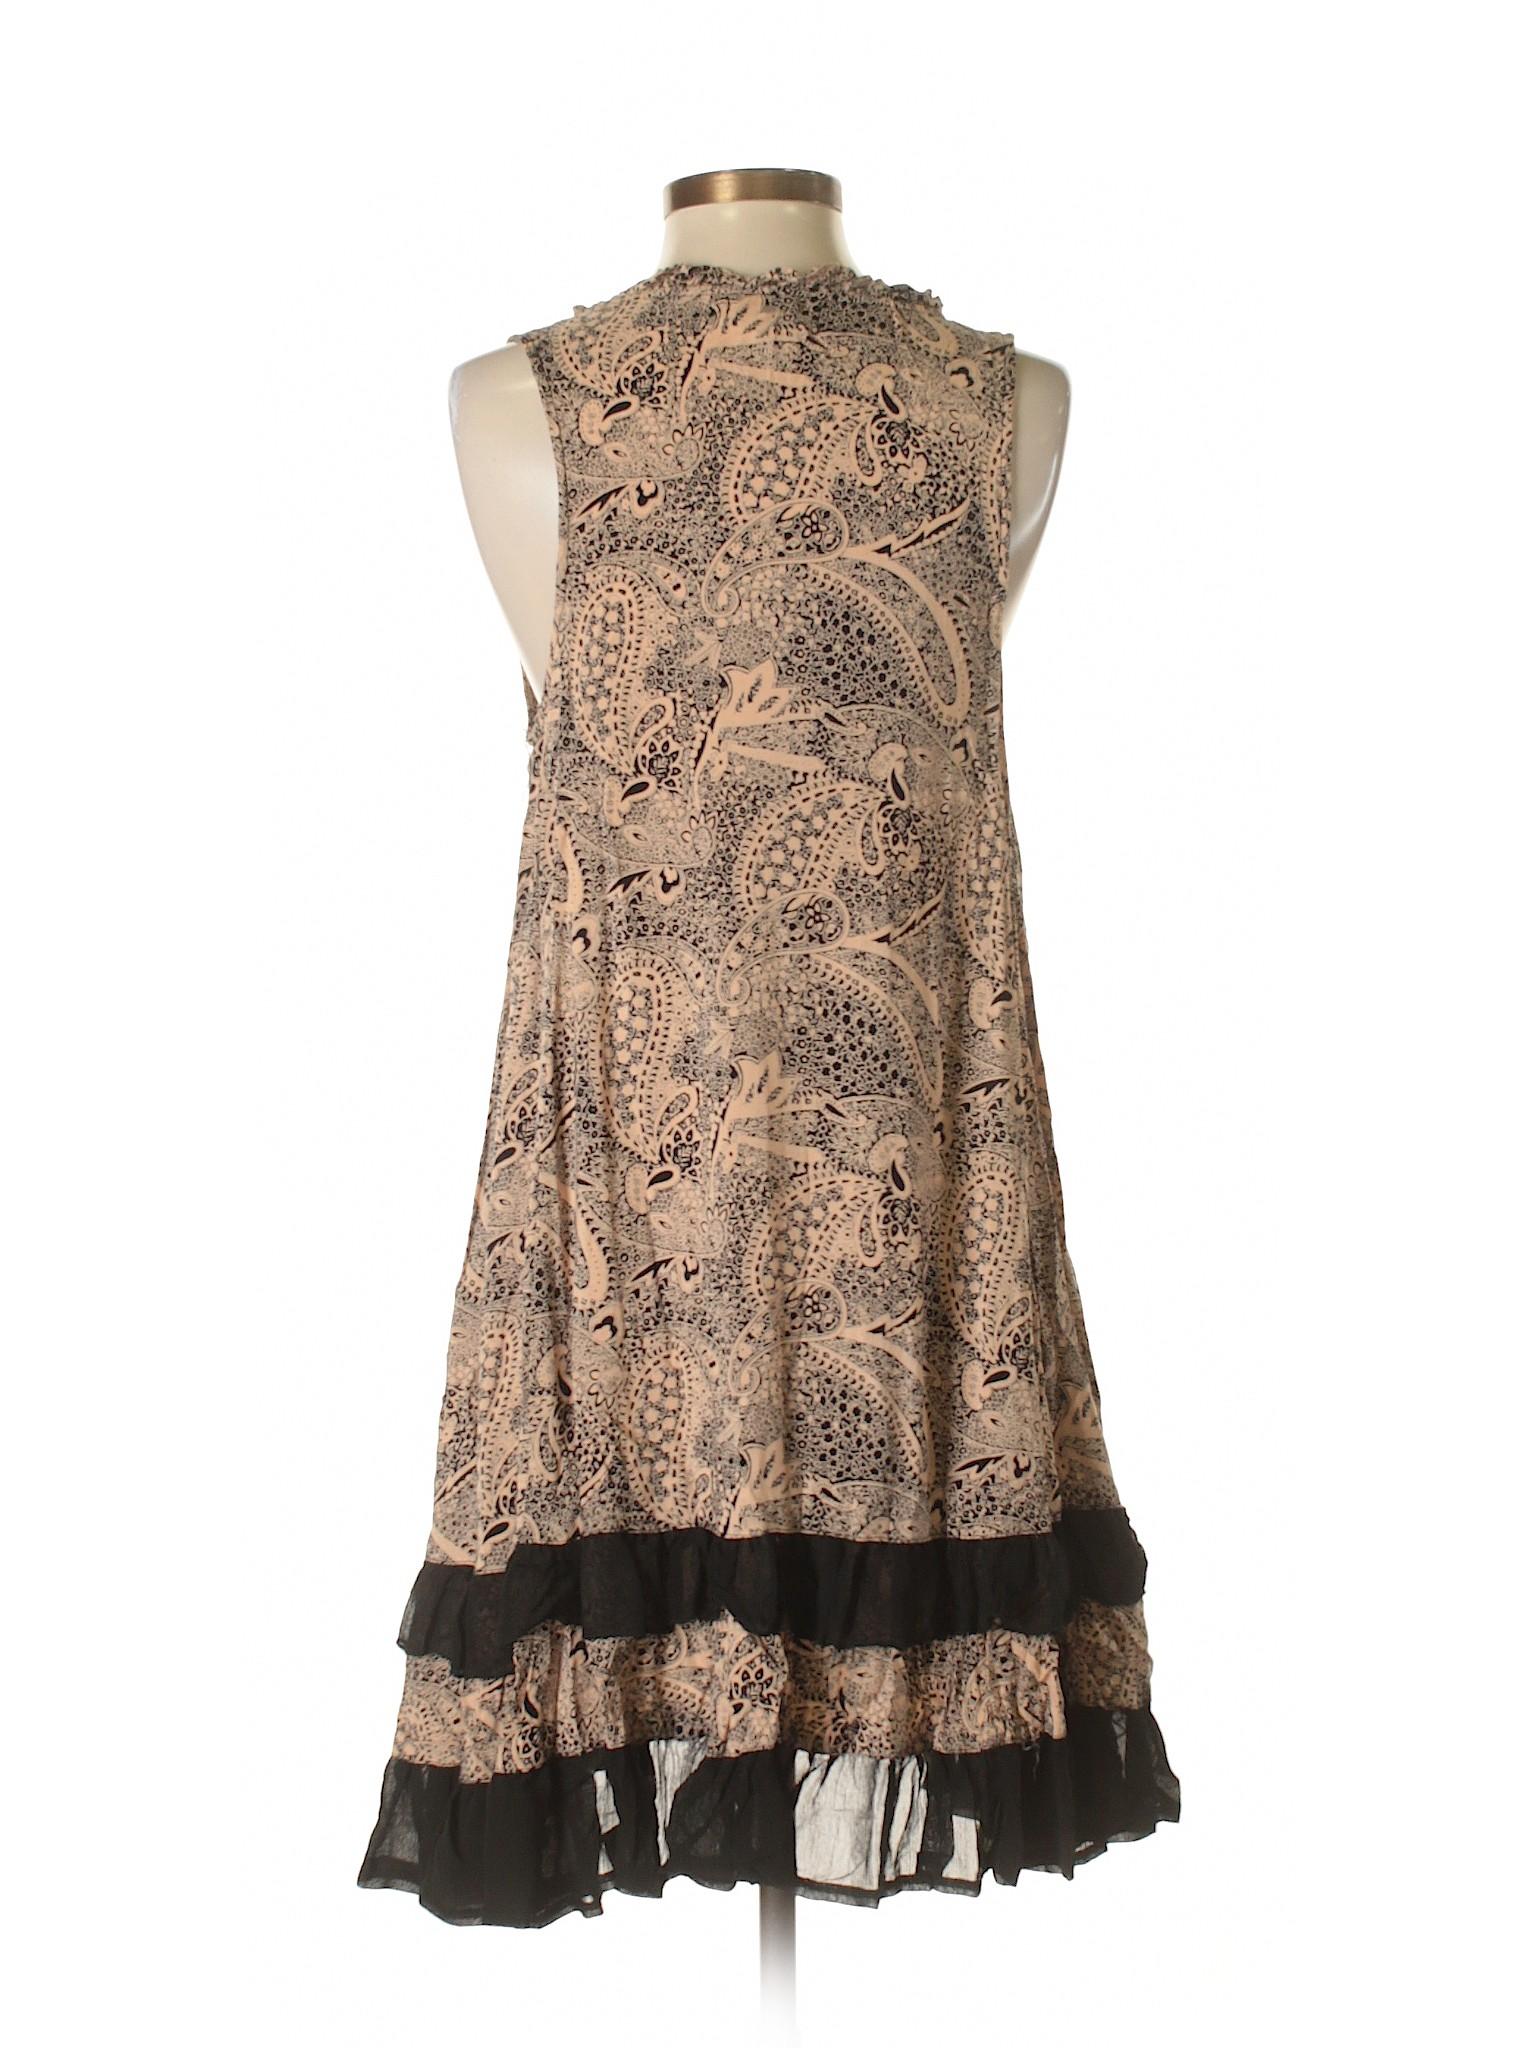 Boutique Casual Dress Papillon Boutique Boutique winter winter Dress Papillon Casual d7qZZ8Hg